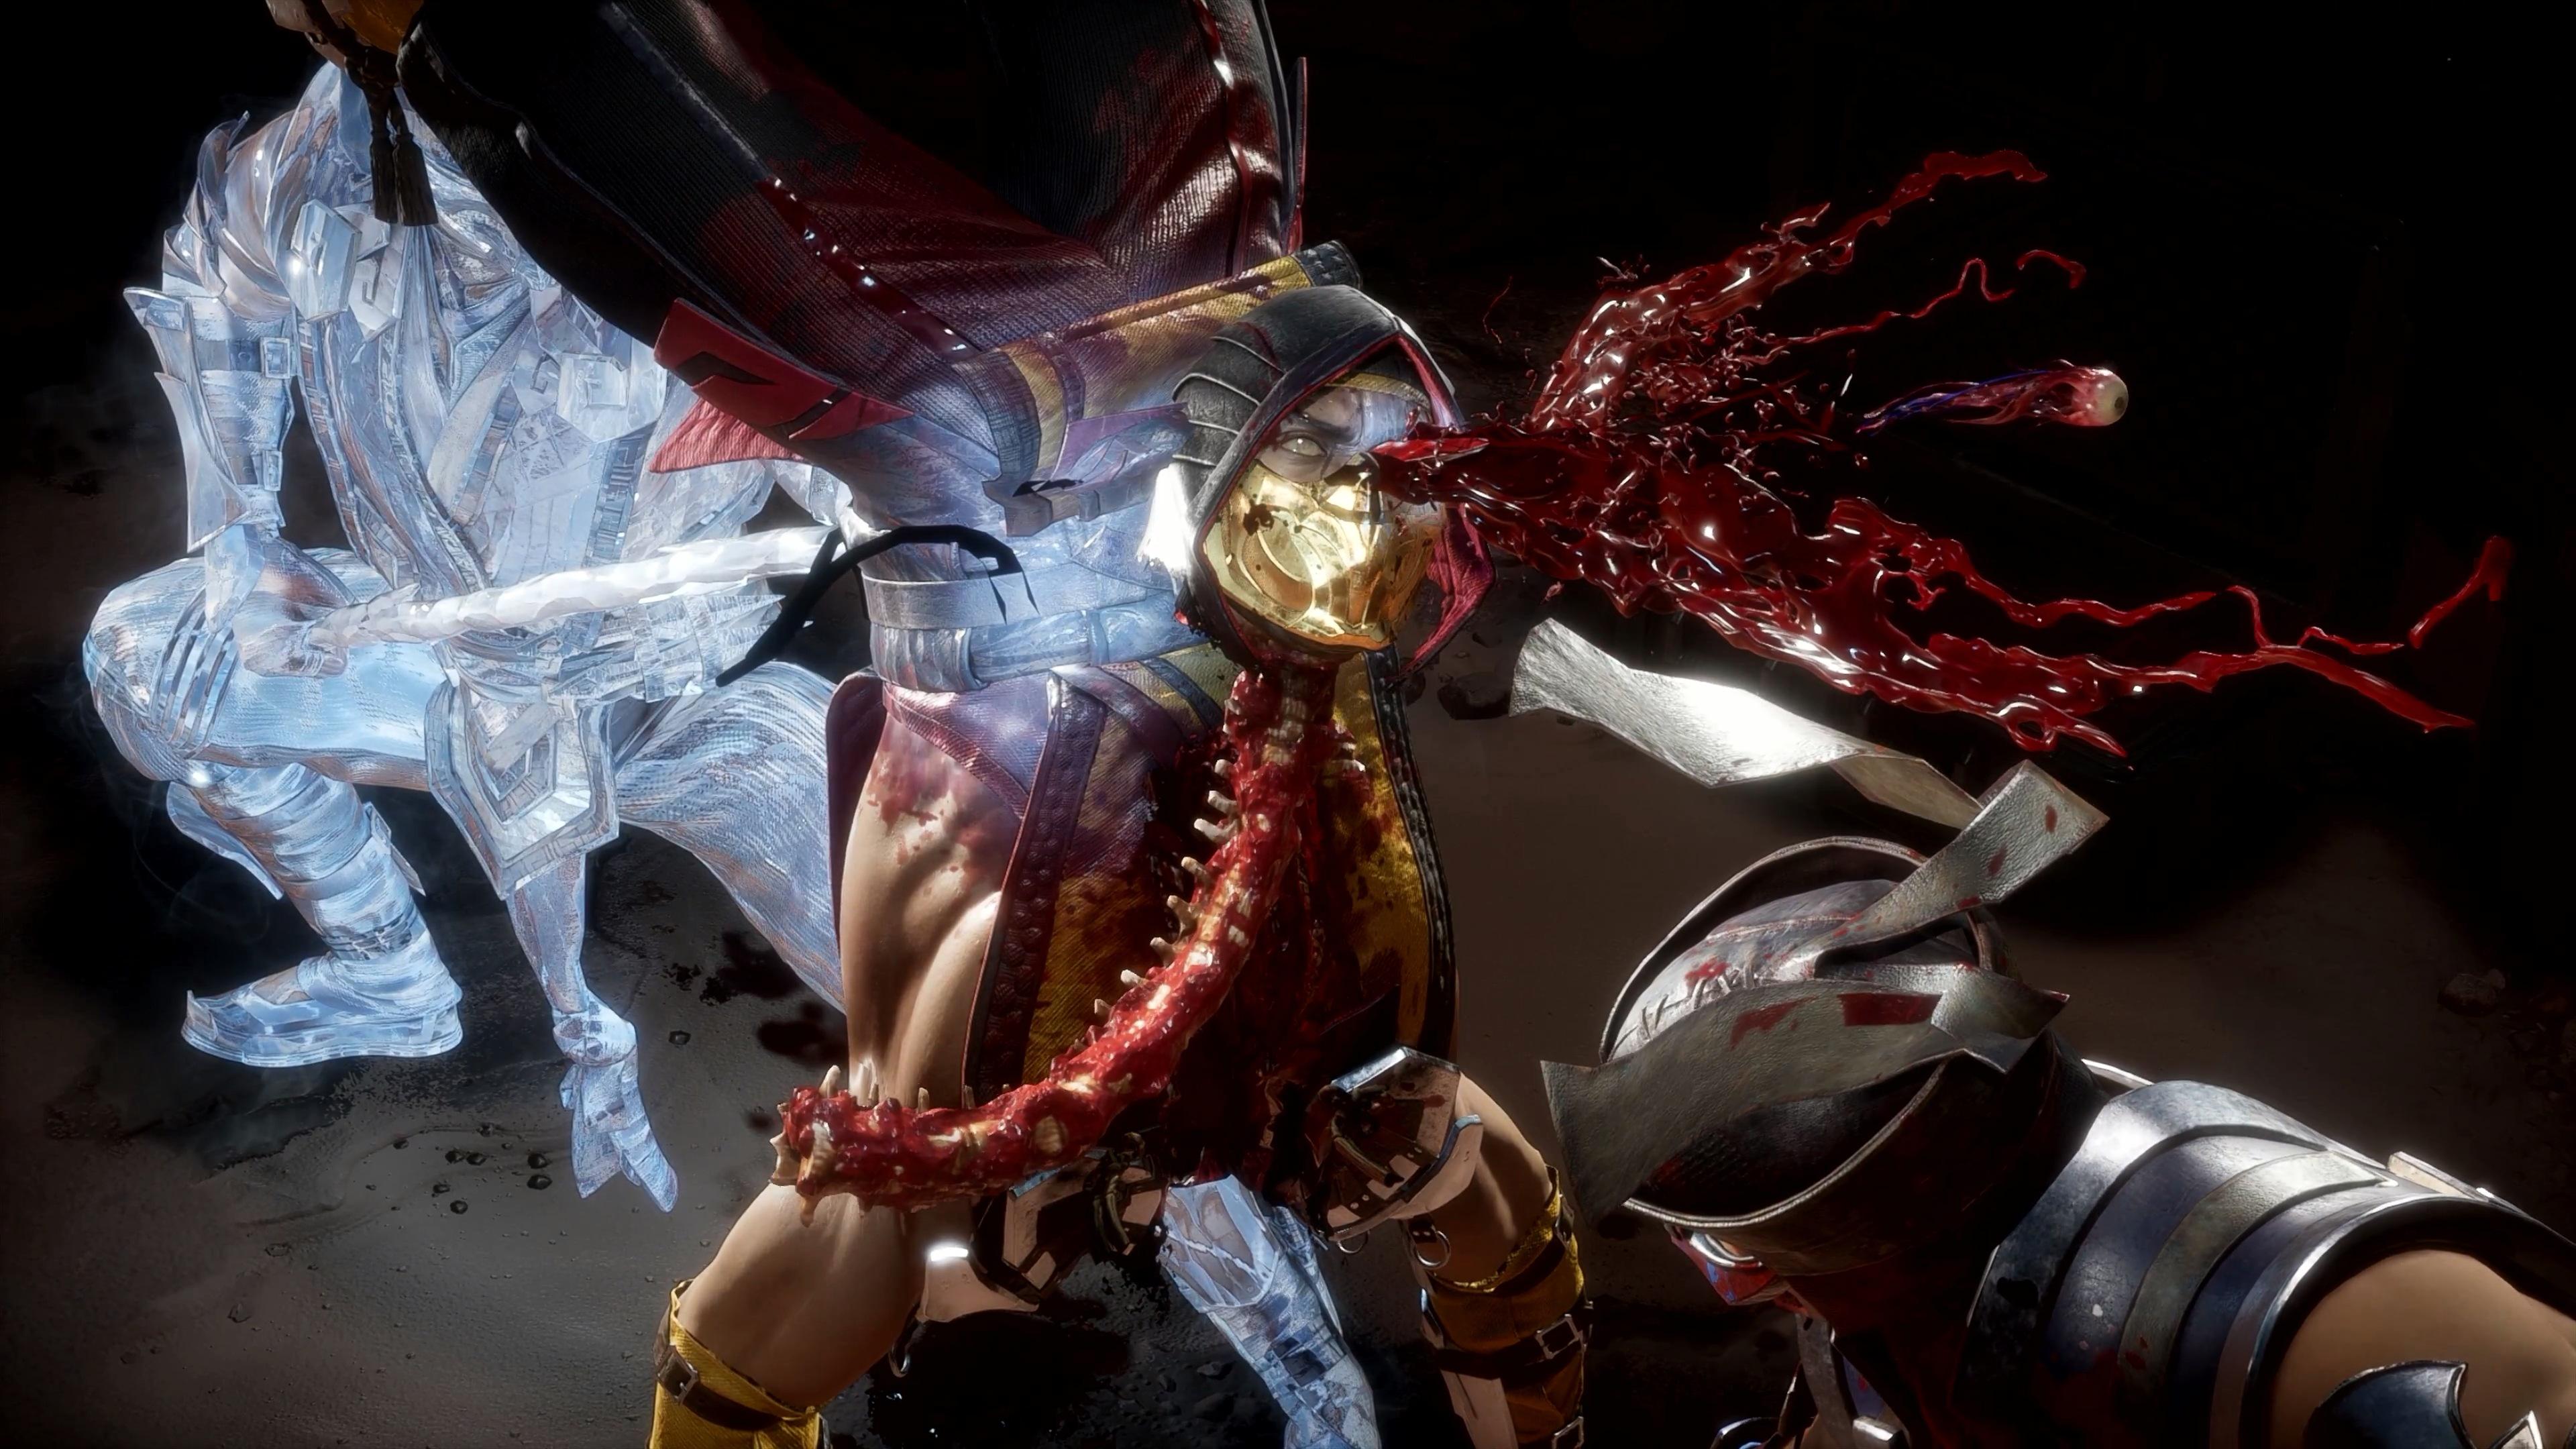 Фаталити - Mortal Kombat 11 4K